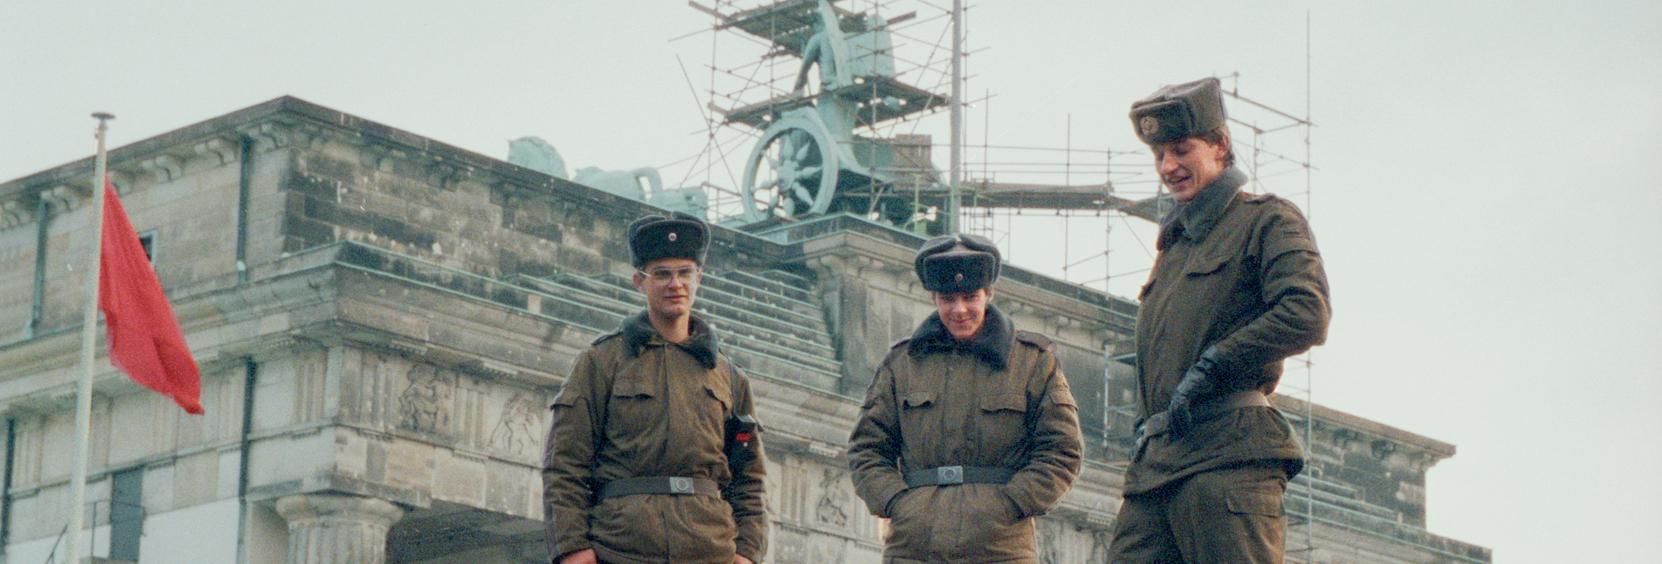 Berlin-89.jpg